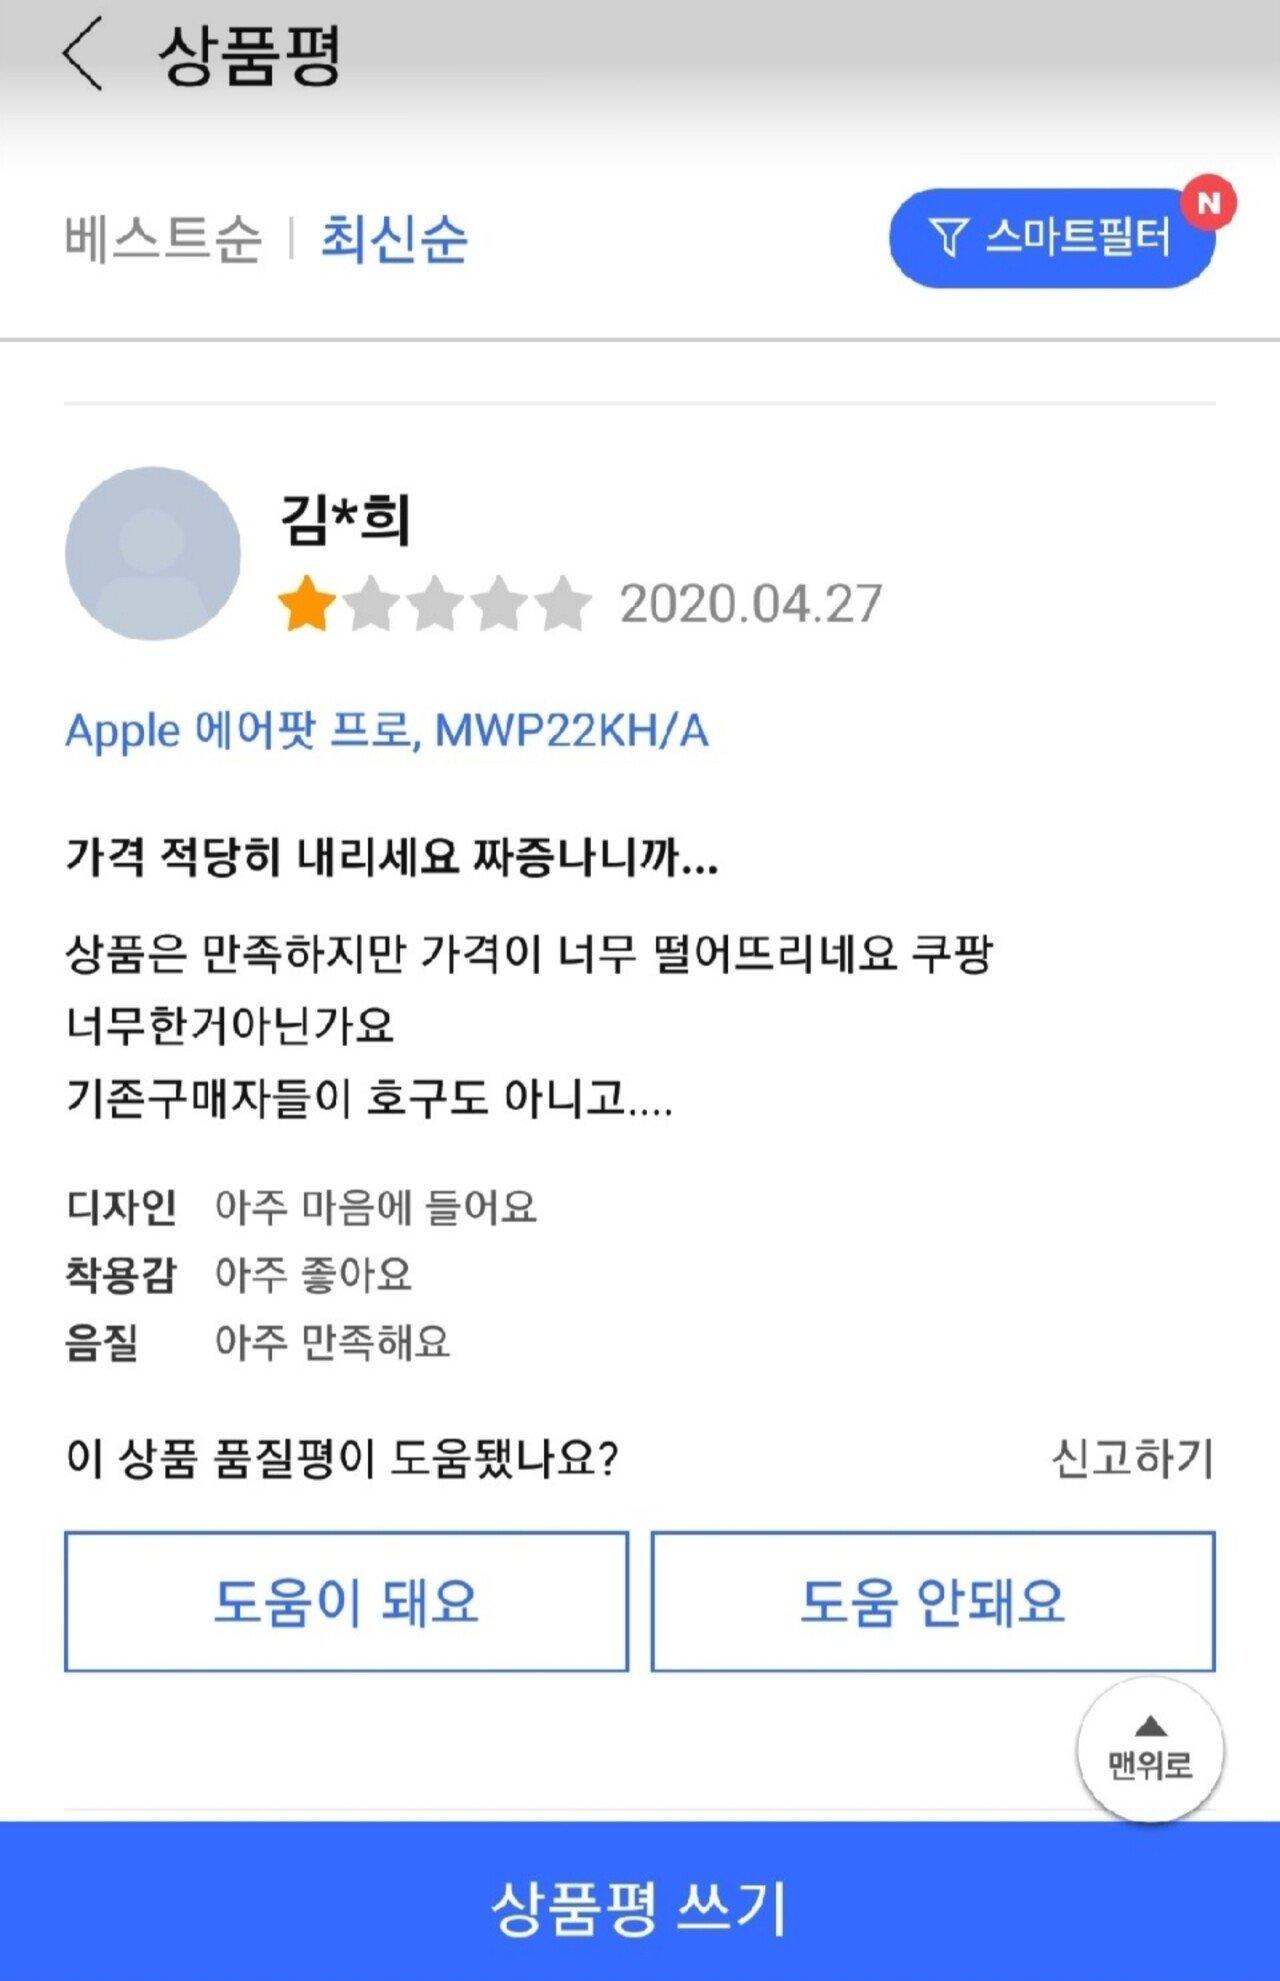 Screenshot_20200505-184317_Naver Cafe.jpg 쿠팡때문에 빡친 에어팟 프로 구매자